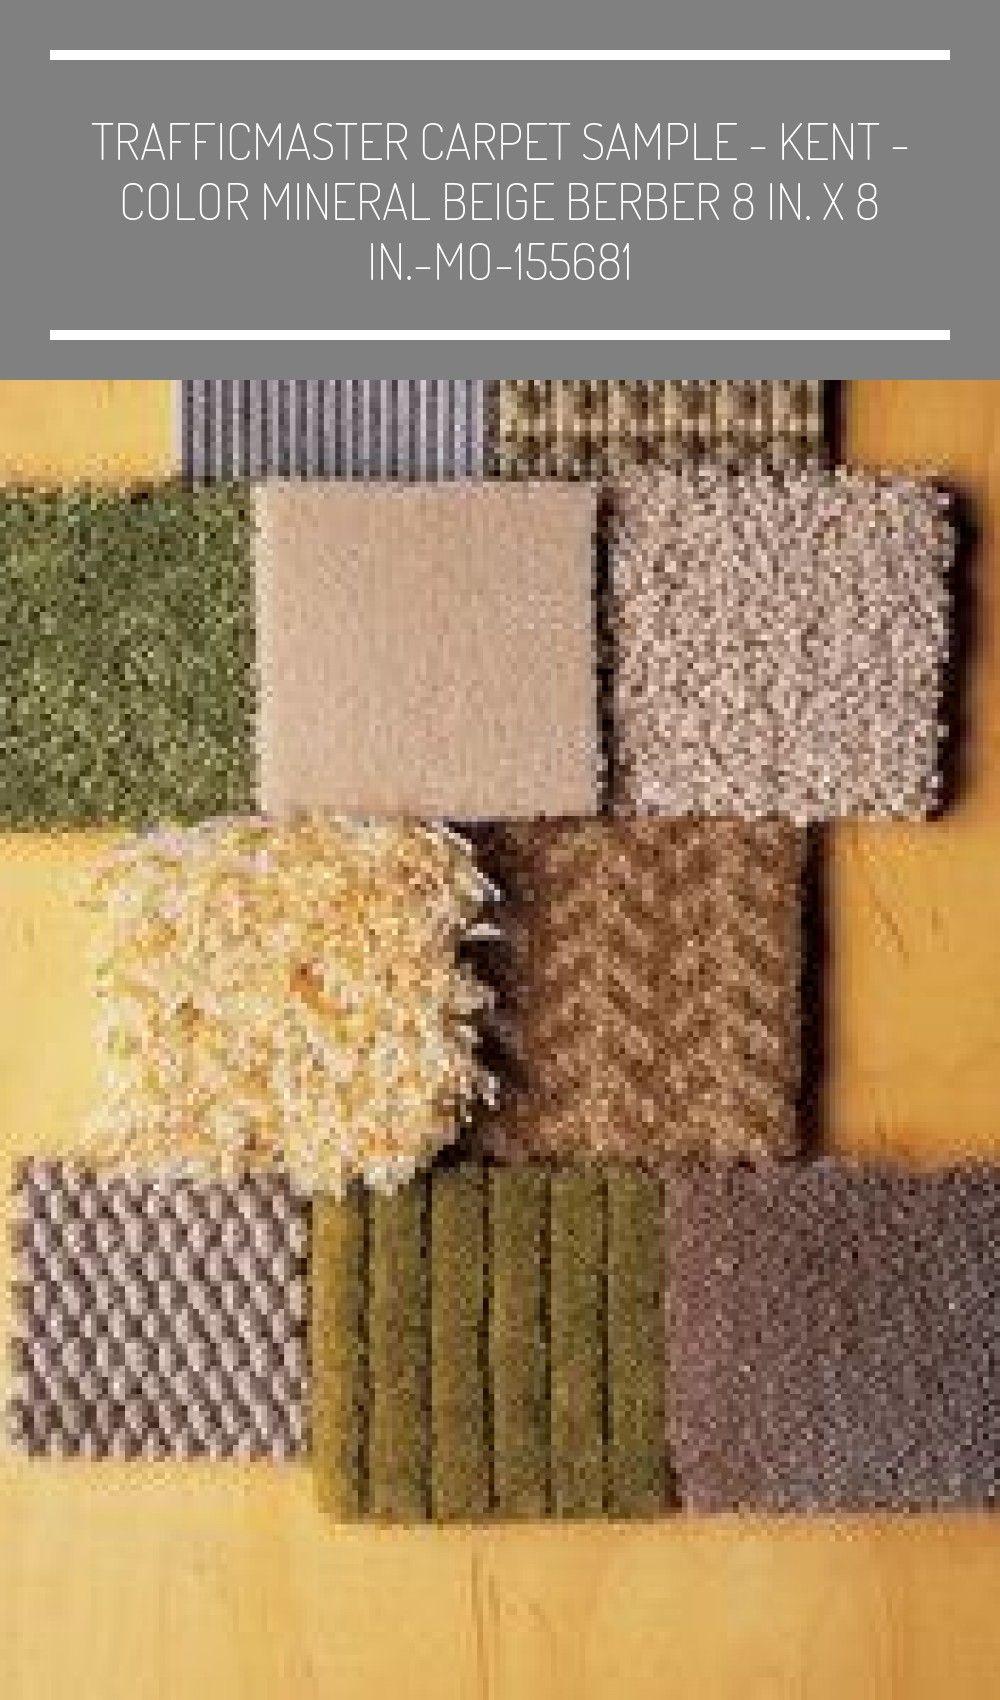 TrafficMASTER Carpet Sample Berber carpet, Berber area